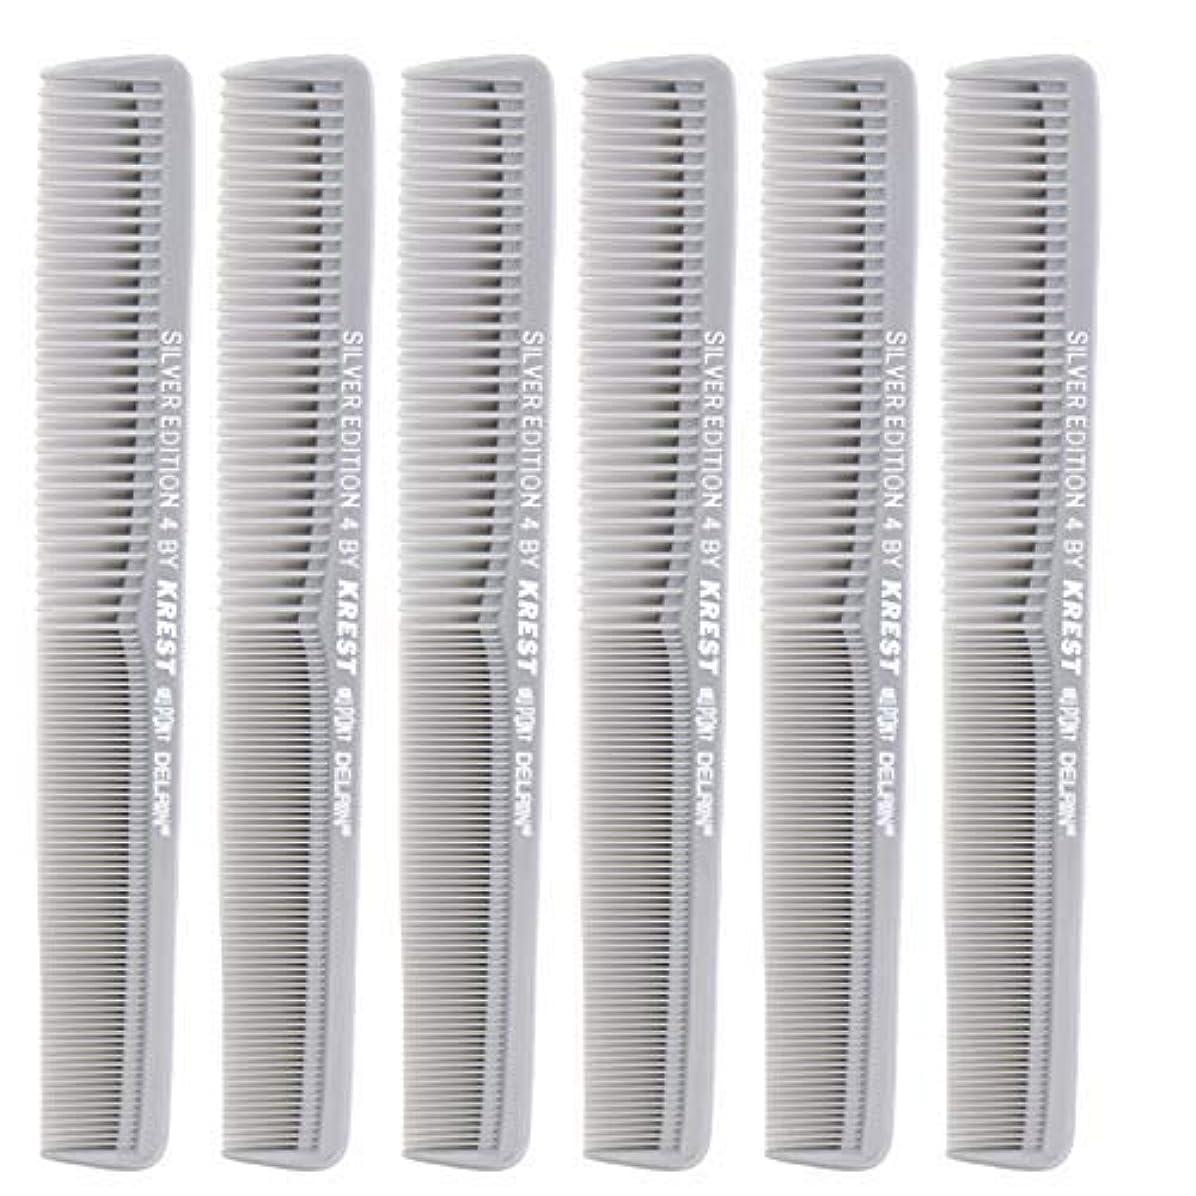 結婚不調和支払い7 In. Silver Edition Heat Resistant All Purpose Hair Comb Model #4 Krest Comb, [並行輸入品]